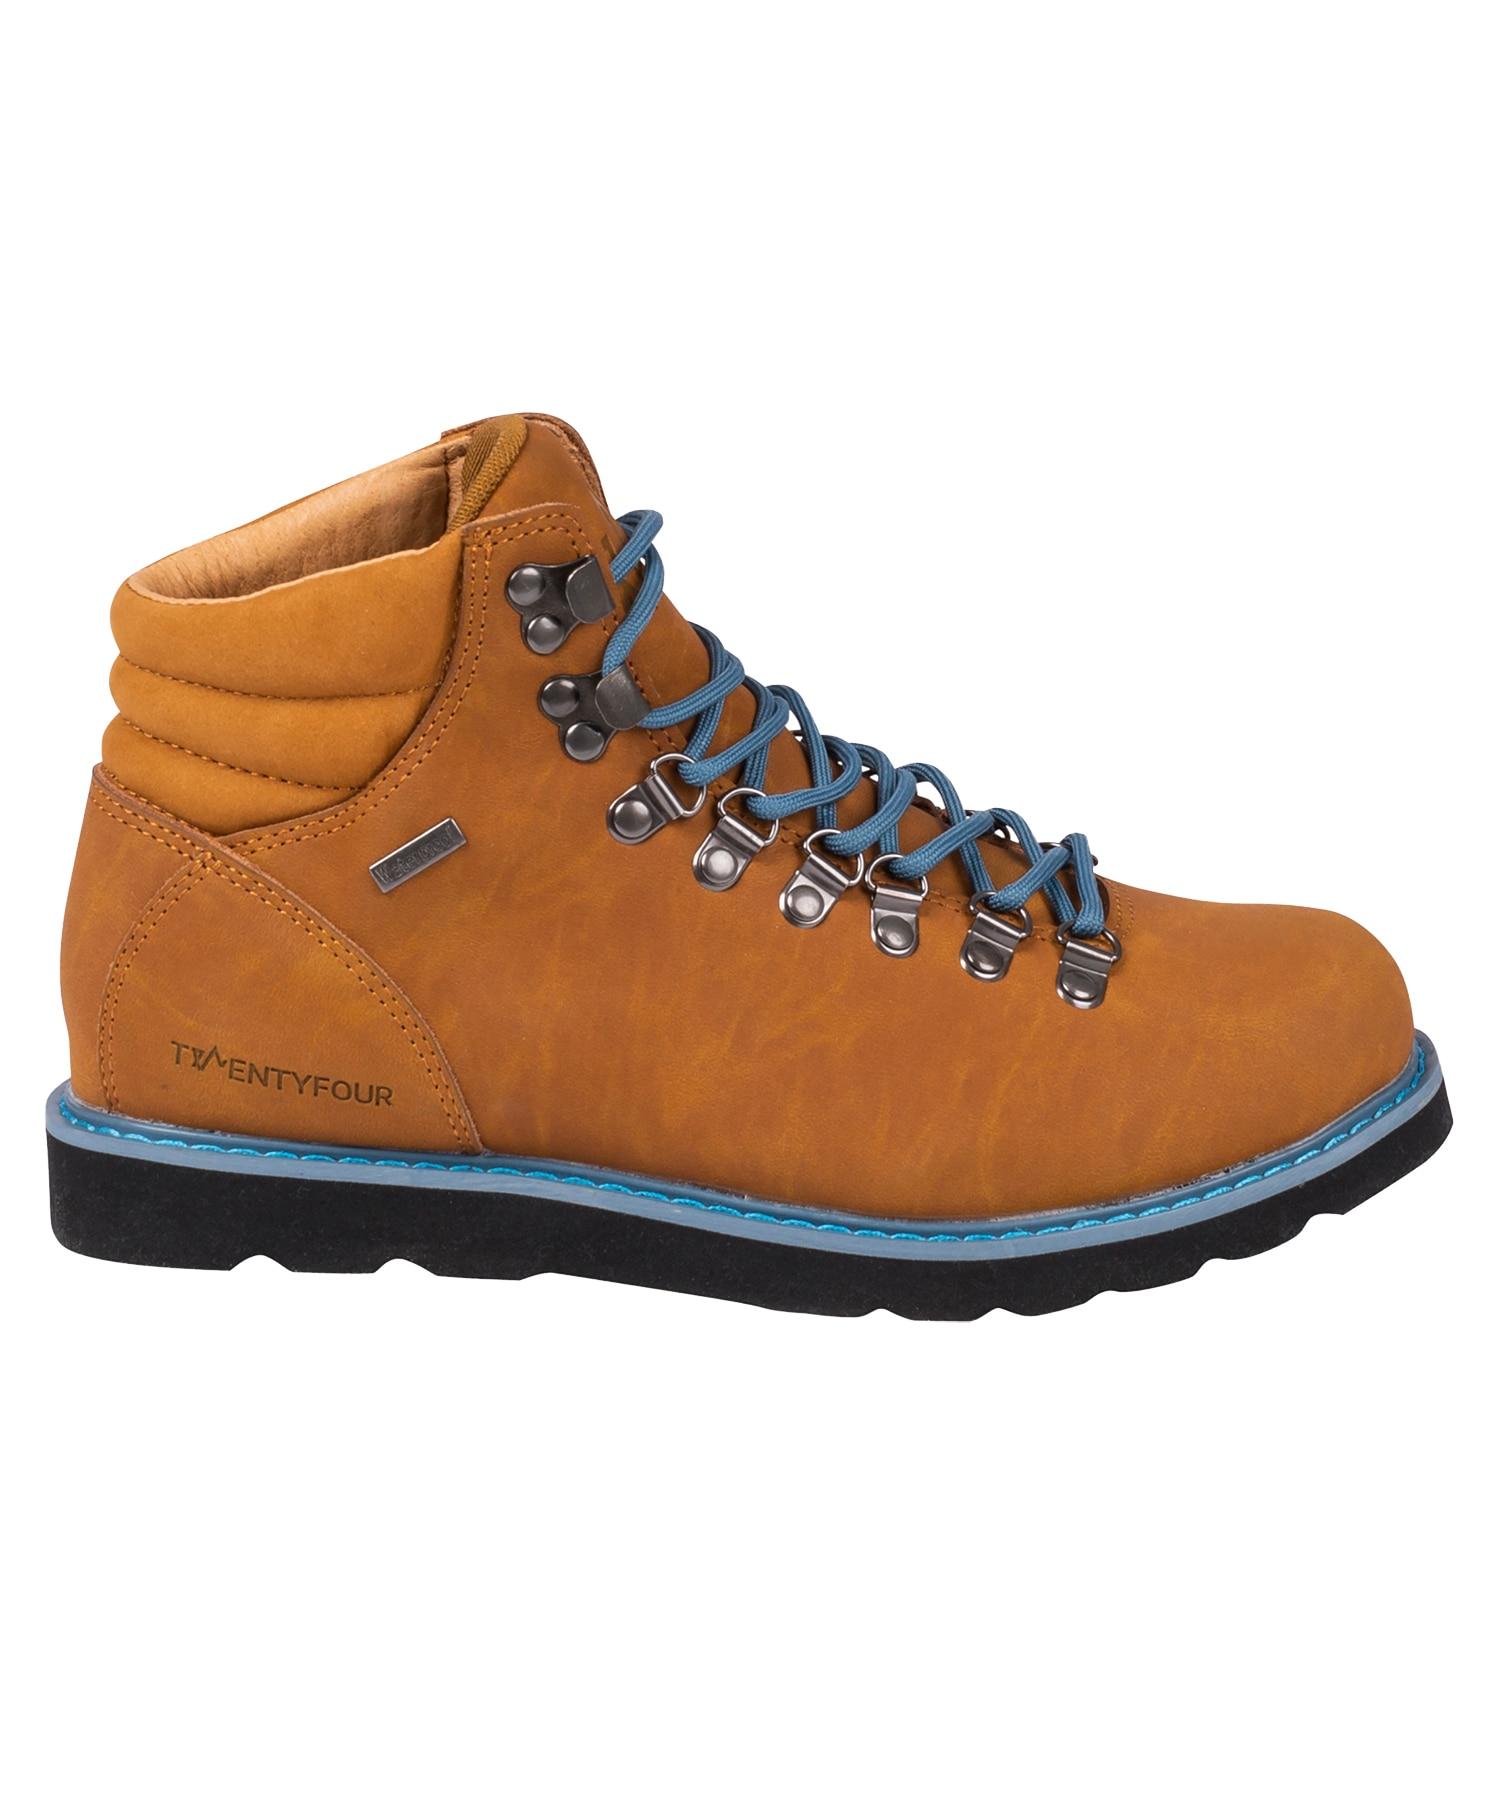 Twentyfour Dalen boot